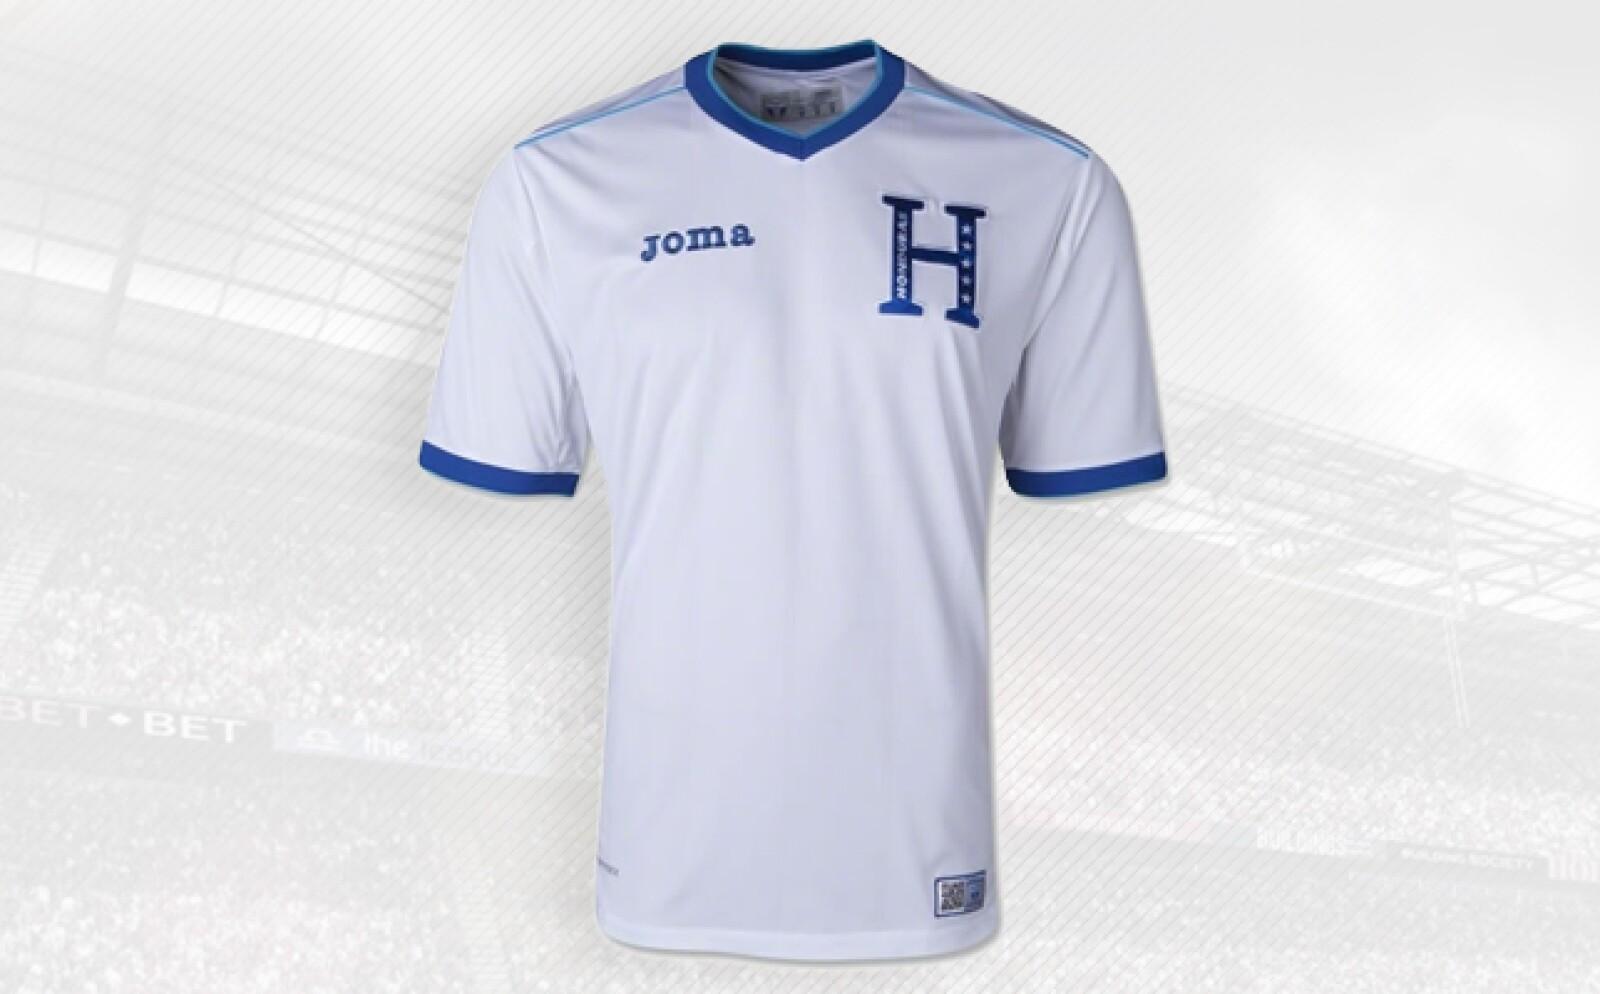 Los Catrachos usan uniformes de la española Joma, fundada en 1965.